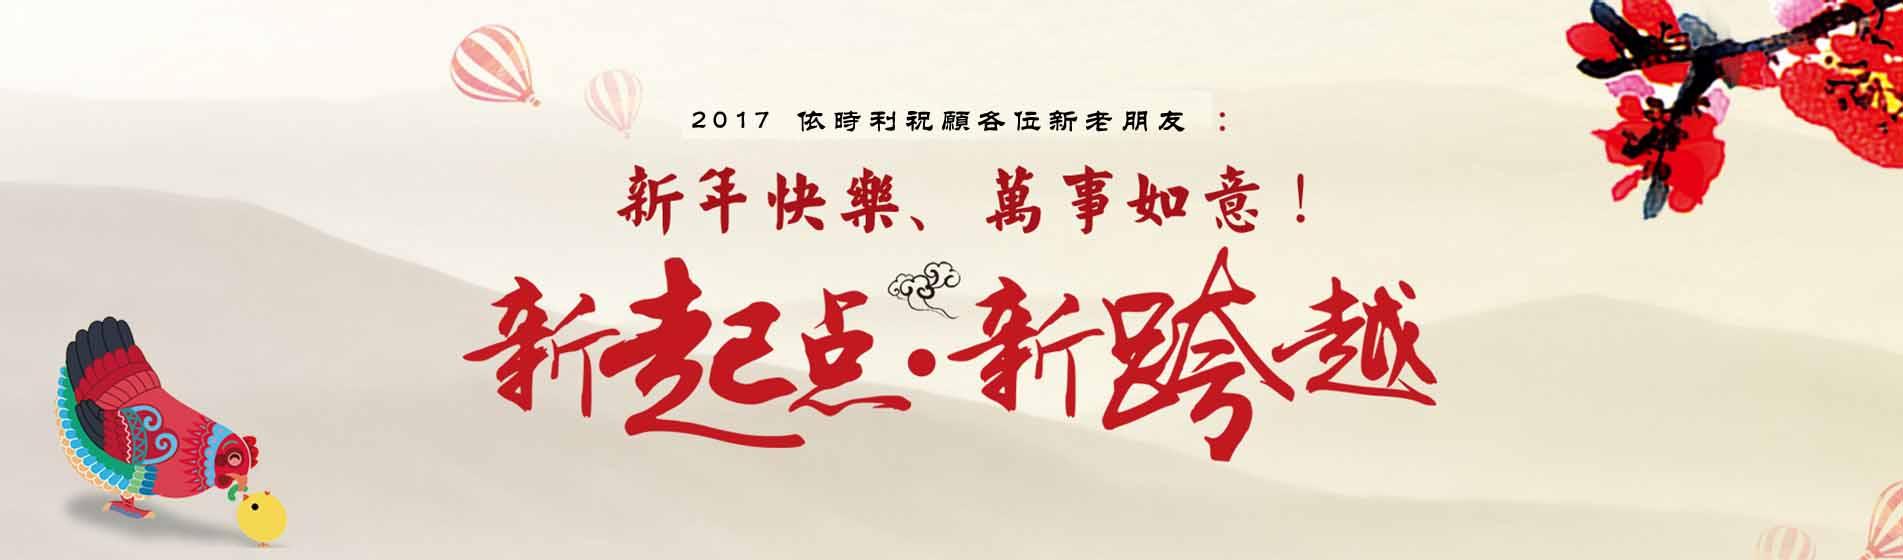 依时利2017年春节放假公告